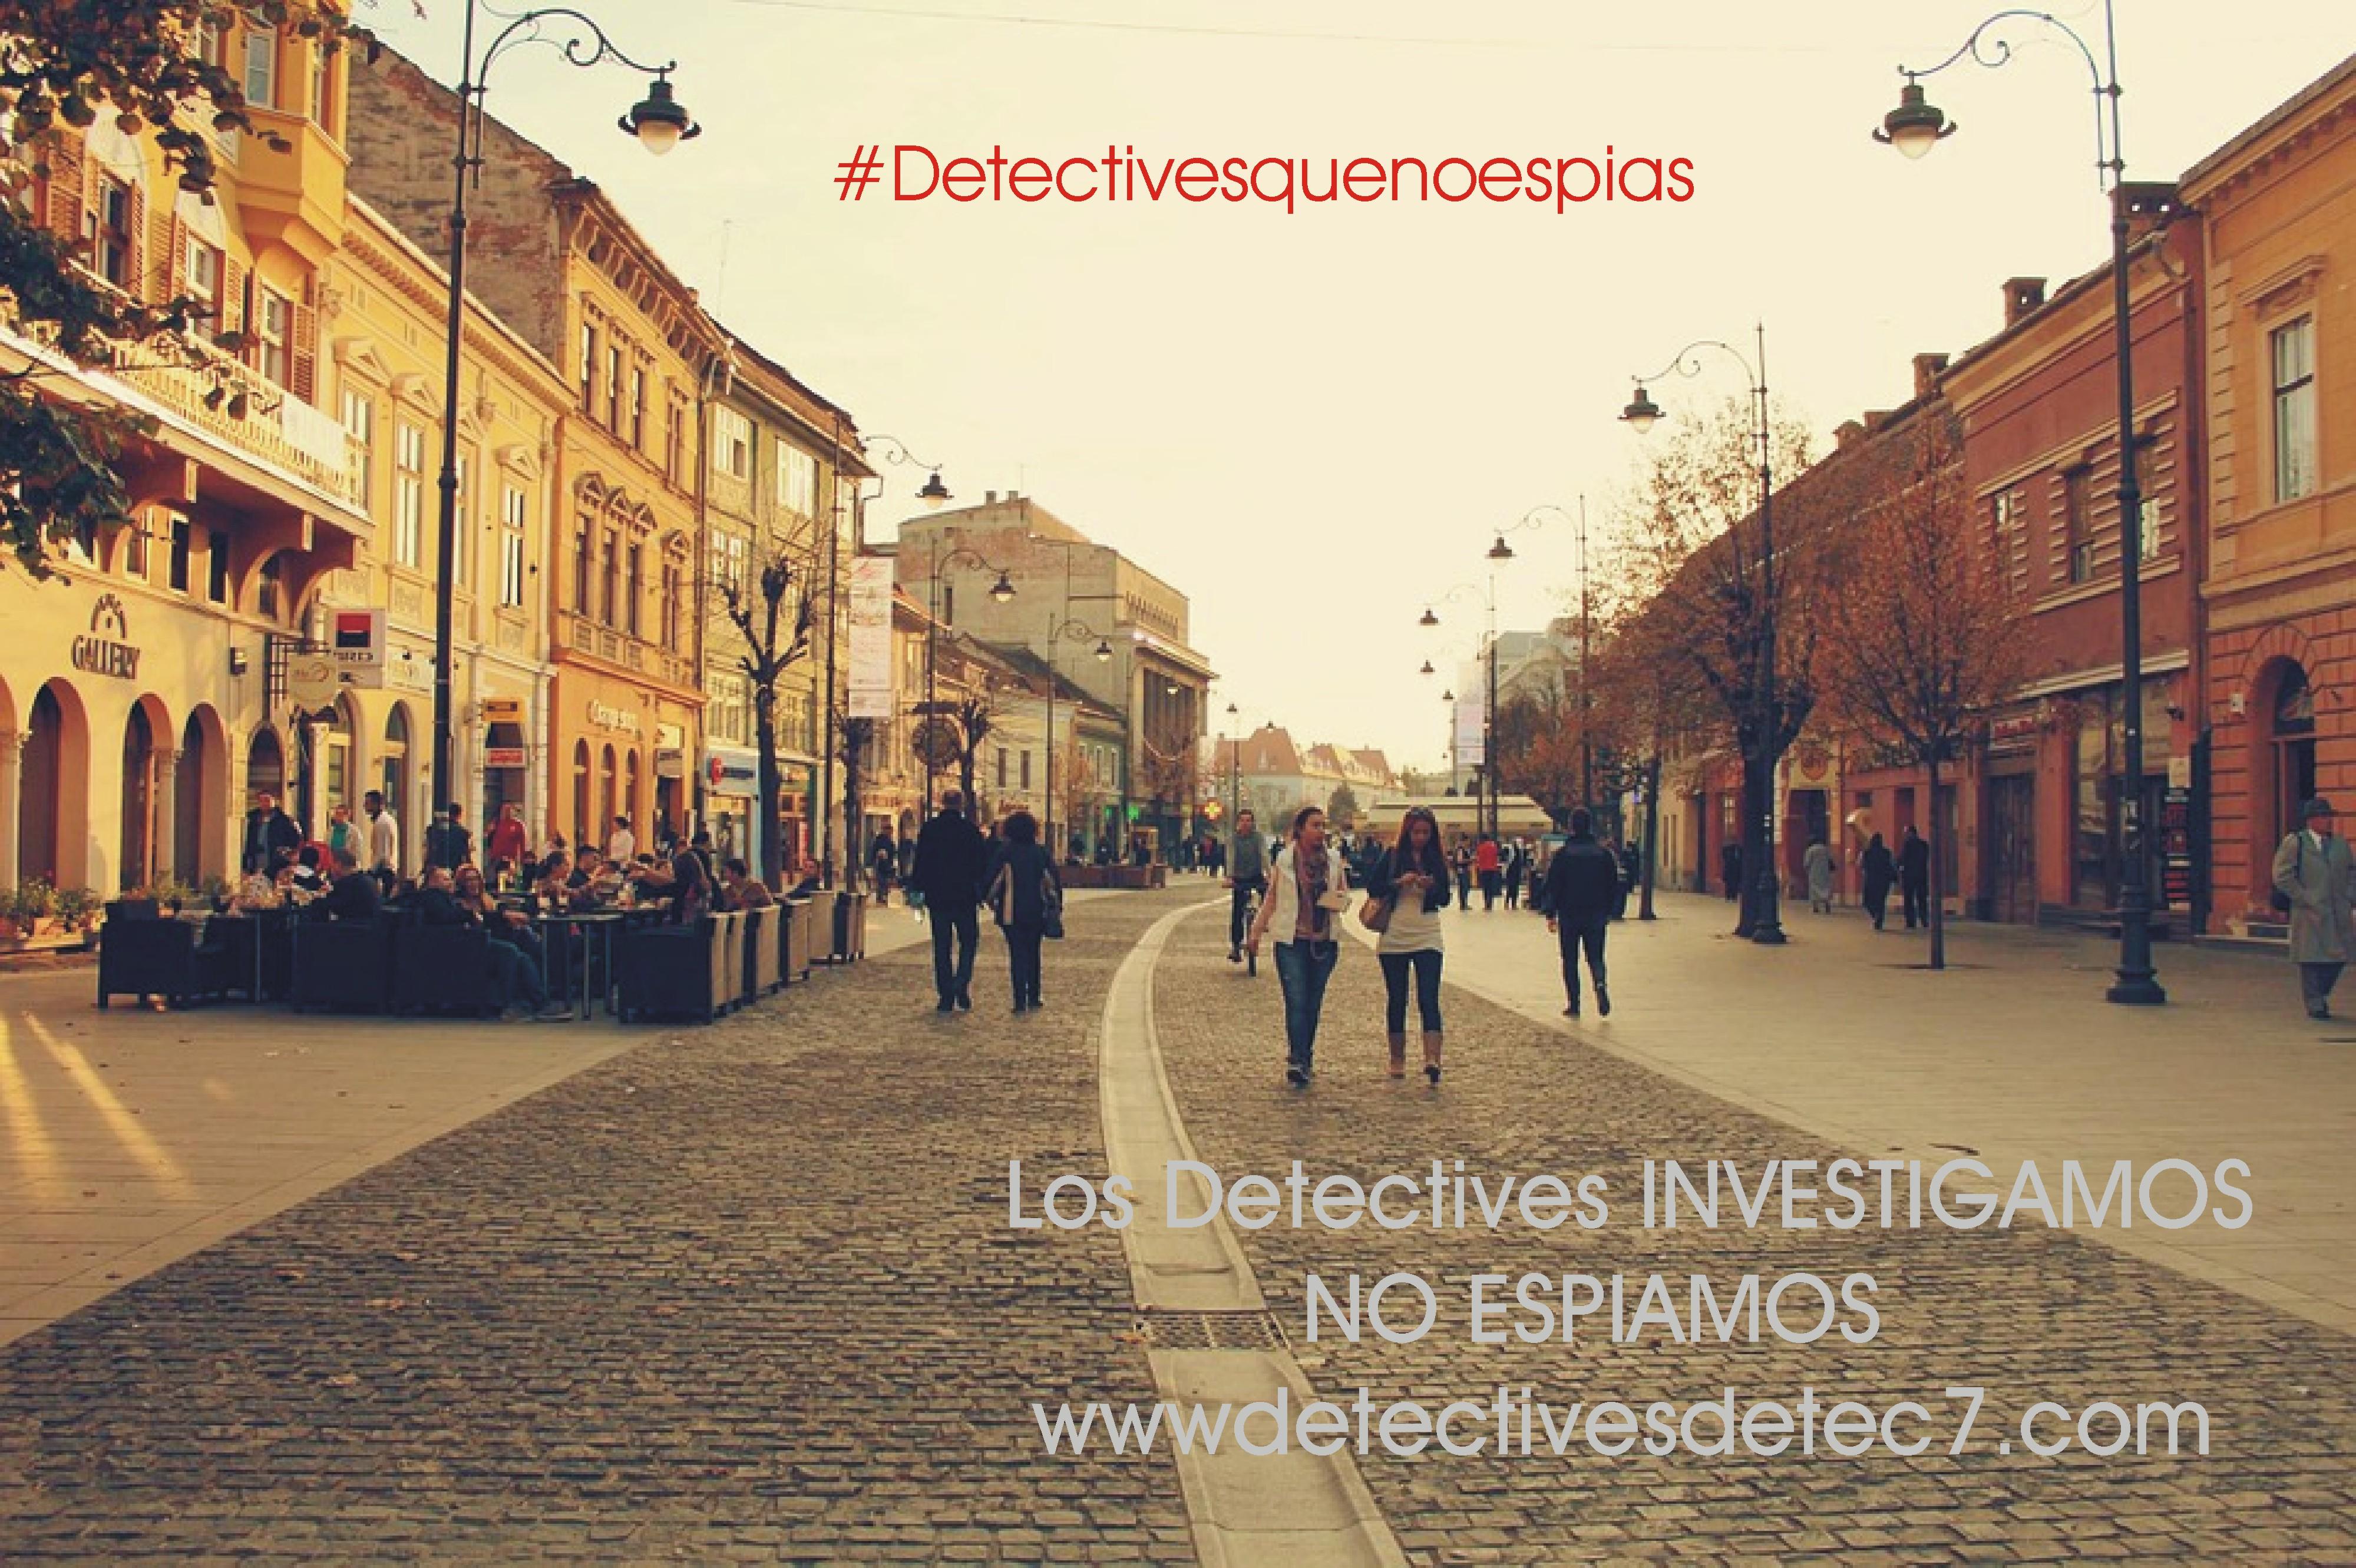 Detectives que no espías